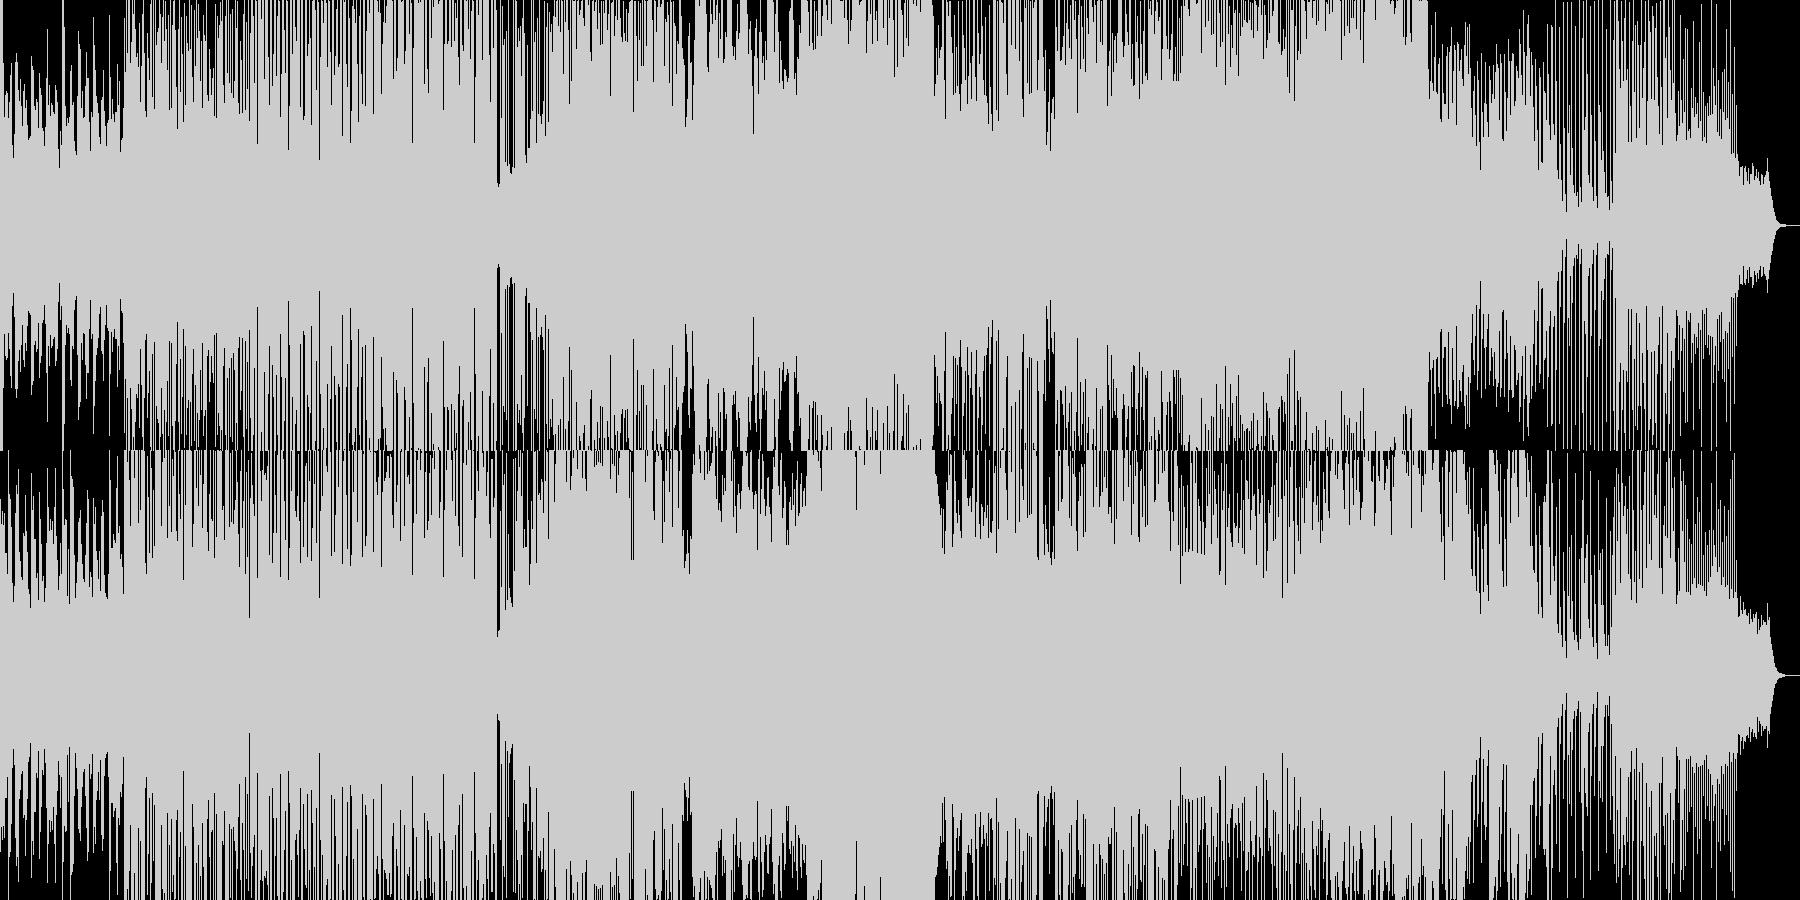 ウェットでドラマティックなBGMの未再生の波形